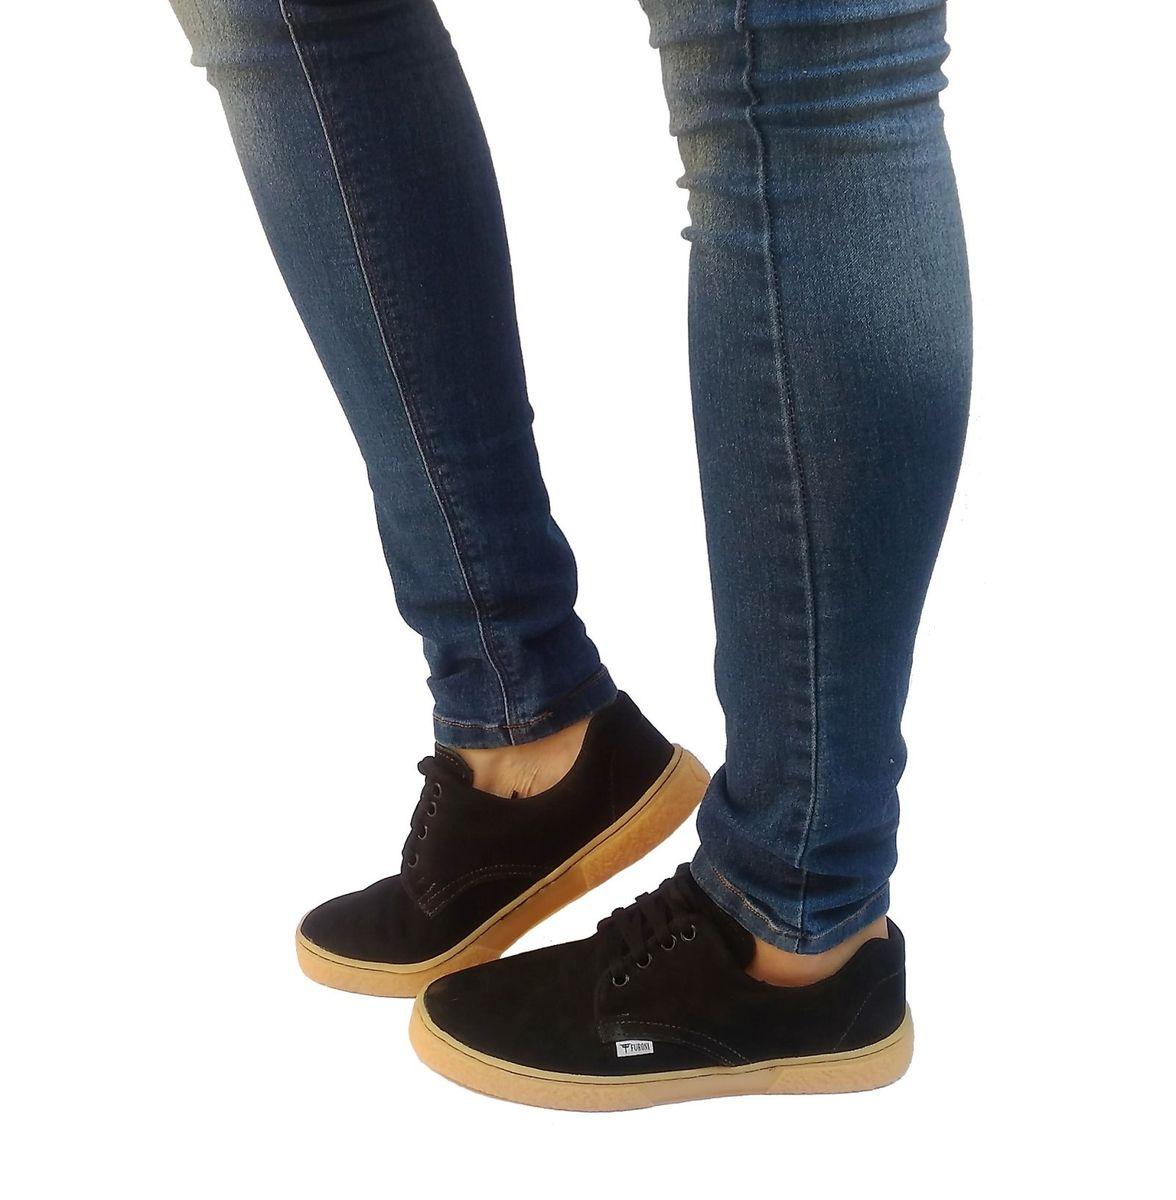 bdbd9708eb tênis casual feminino sapatenis feminino de couro preto - tênis up sneakers